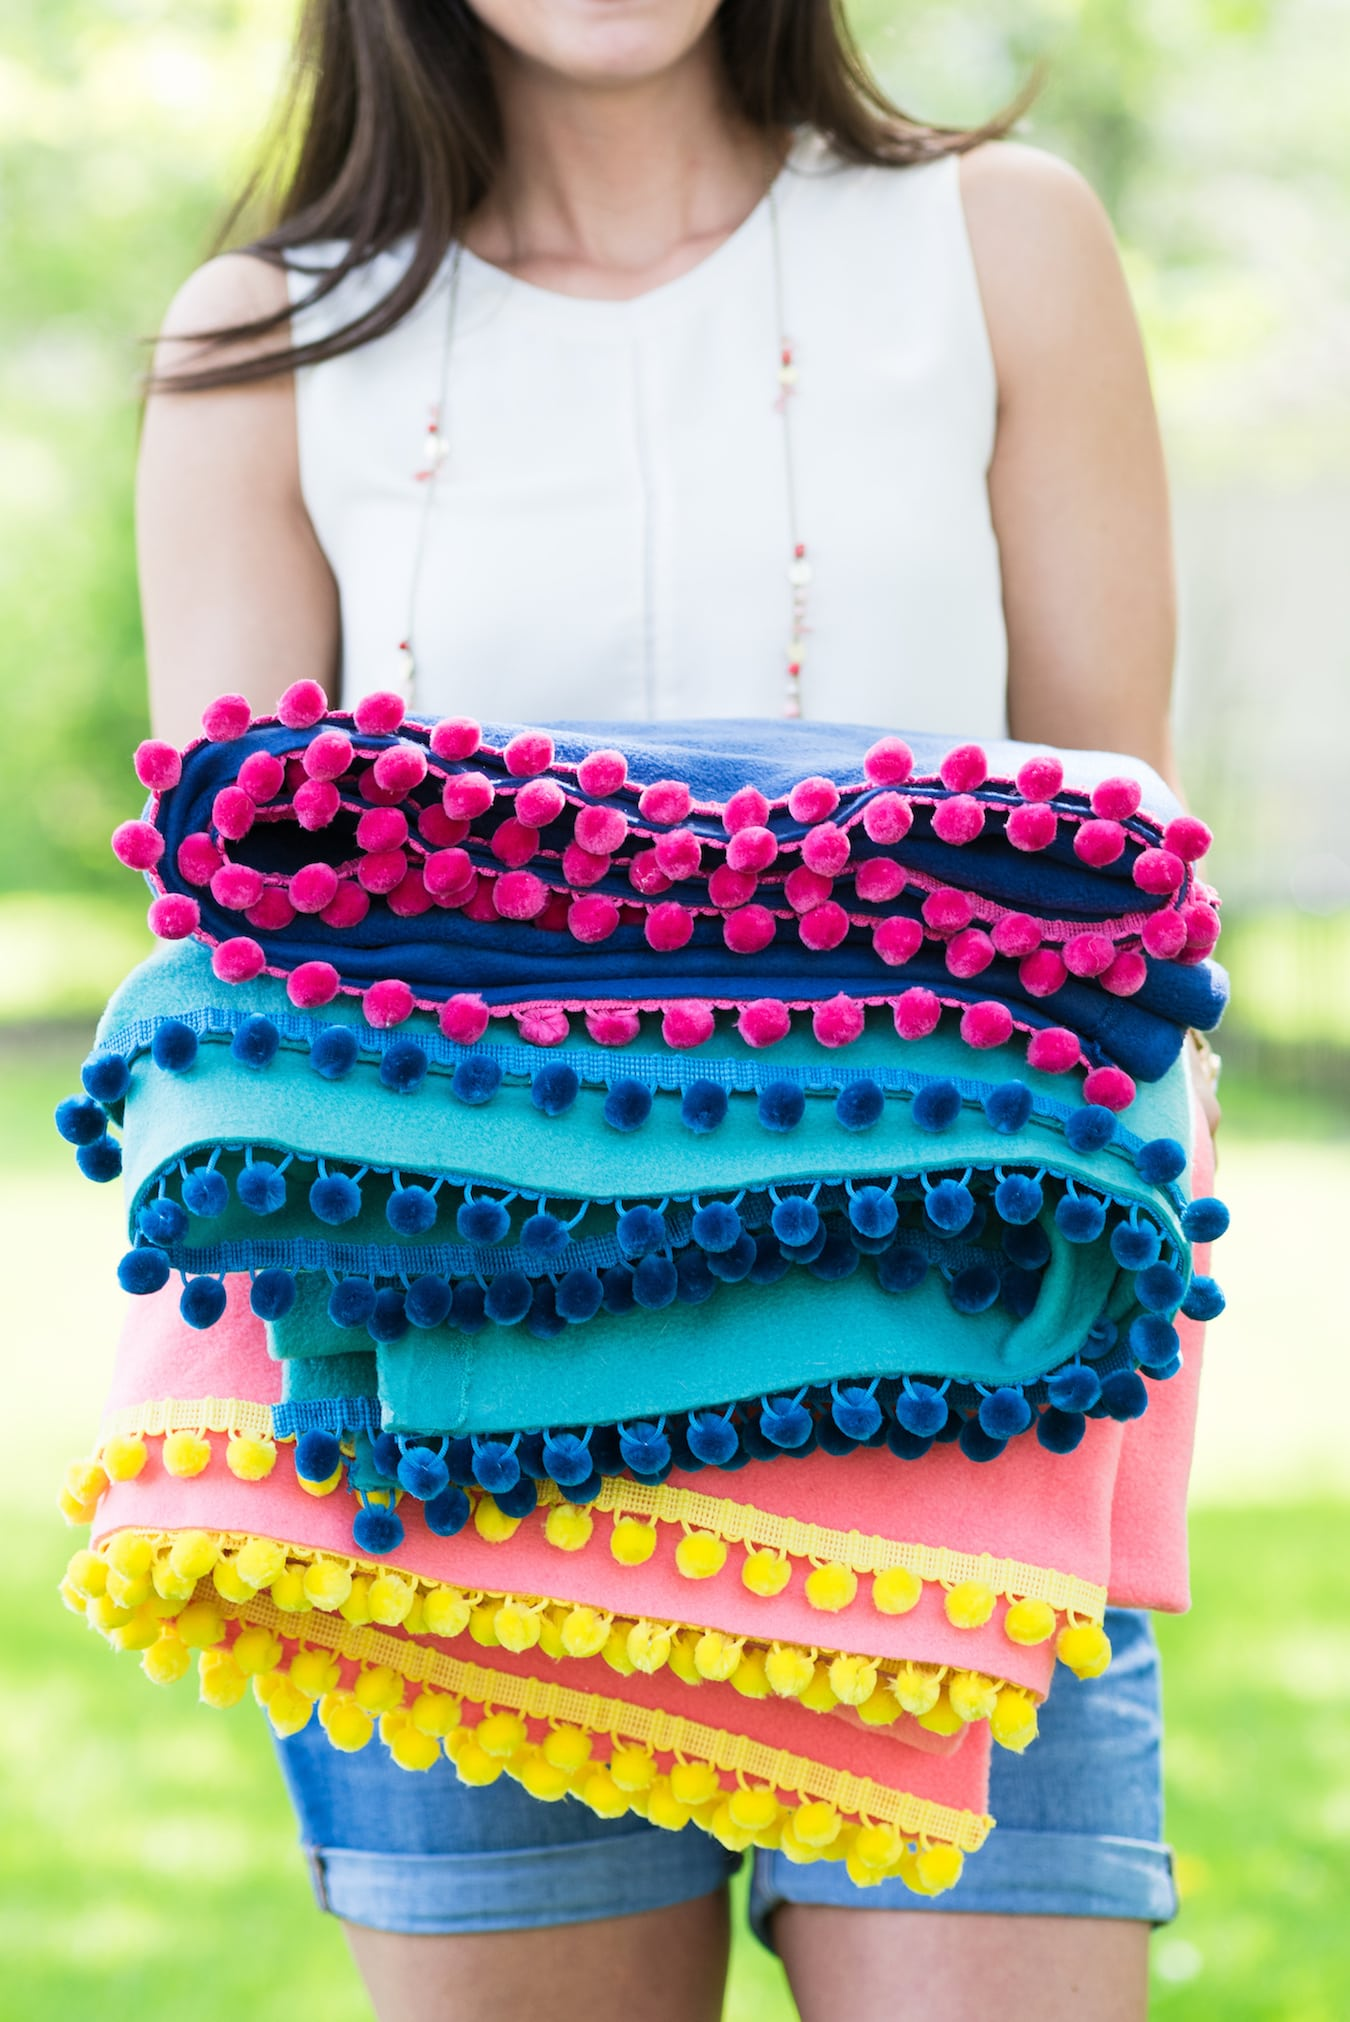 DIY Pom Pom Picnic Blankets